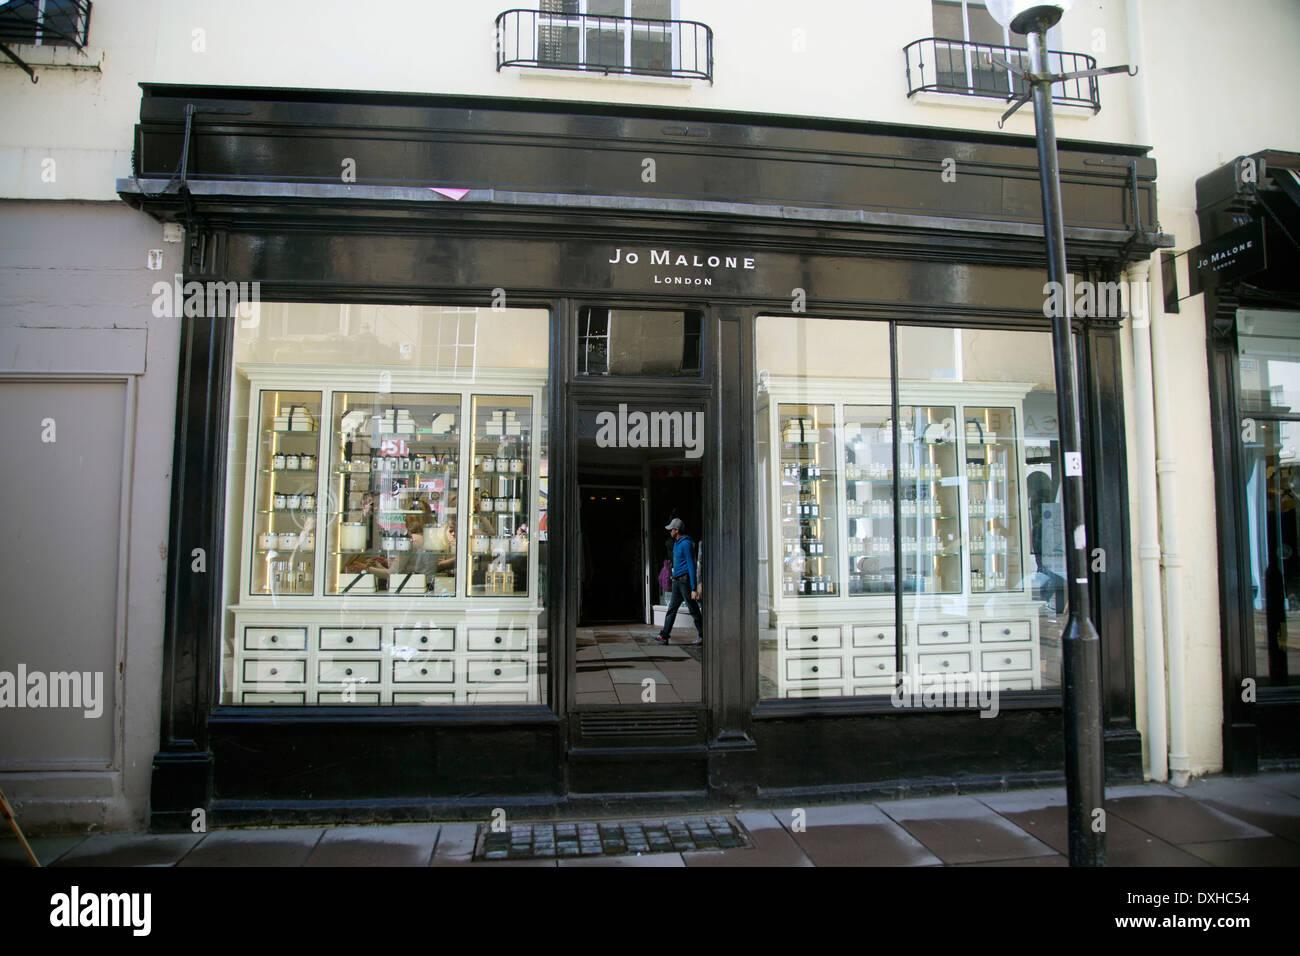 Jo Malone perfume beauty products body posh - Stock Image